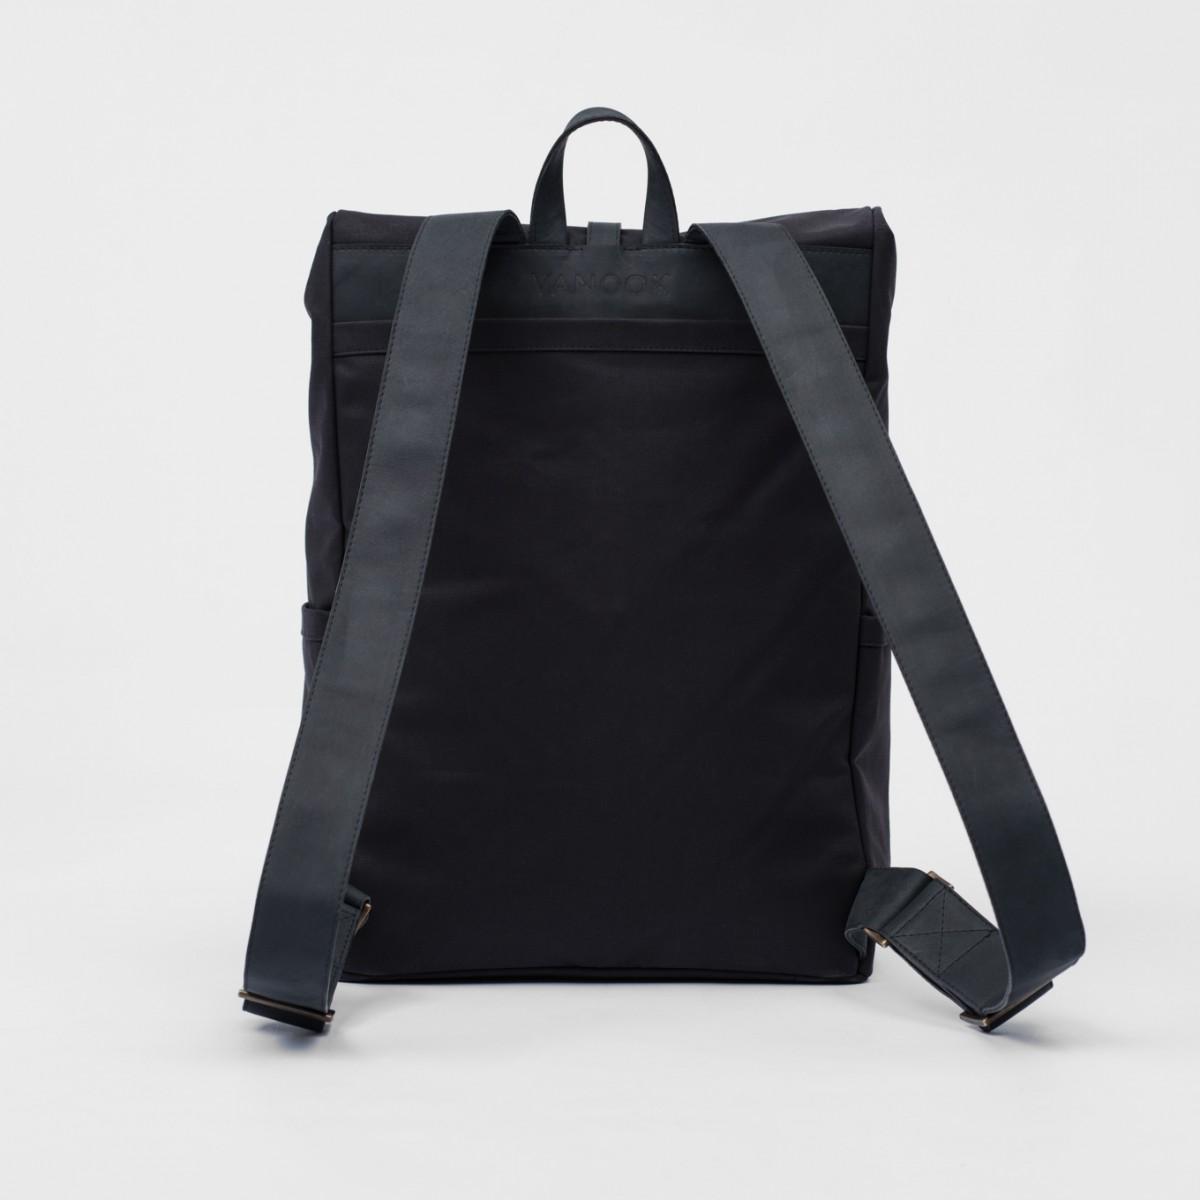 VANOOK Backpack Charcoal / Charcoal